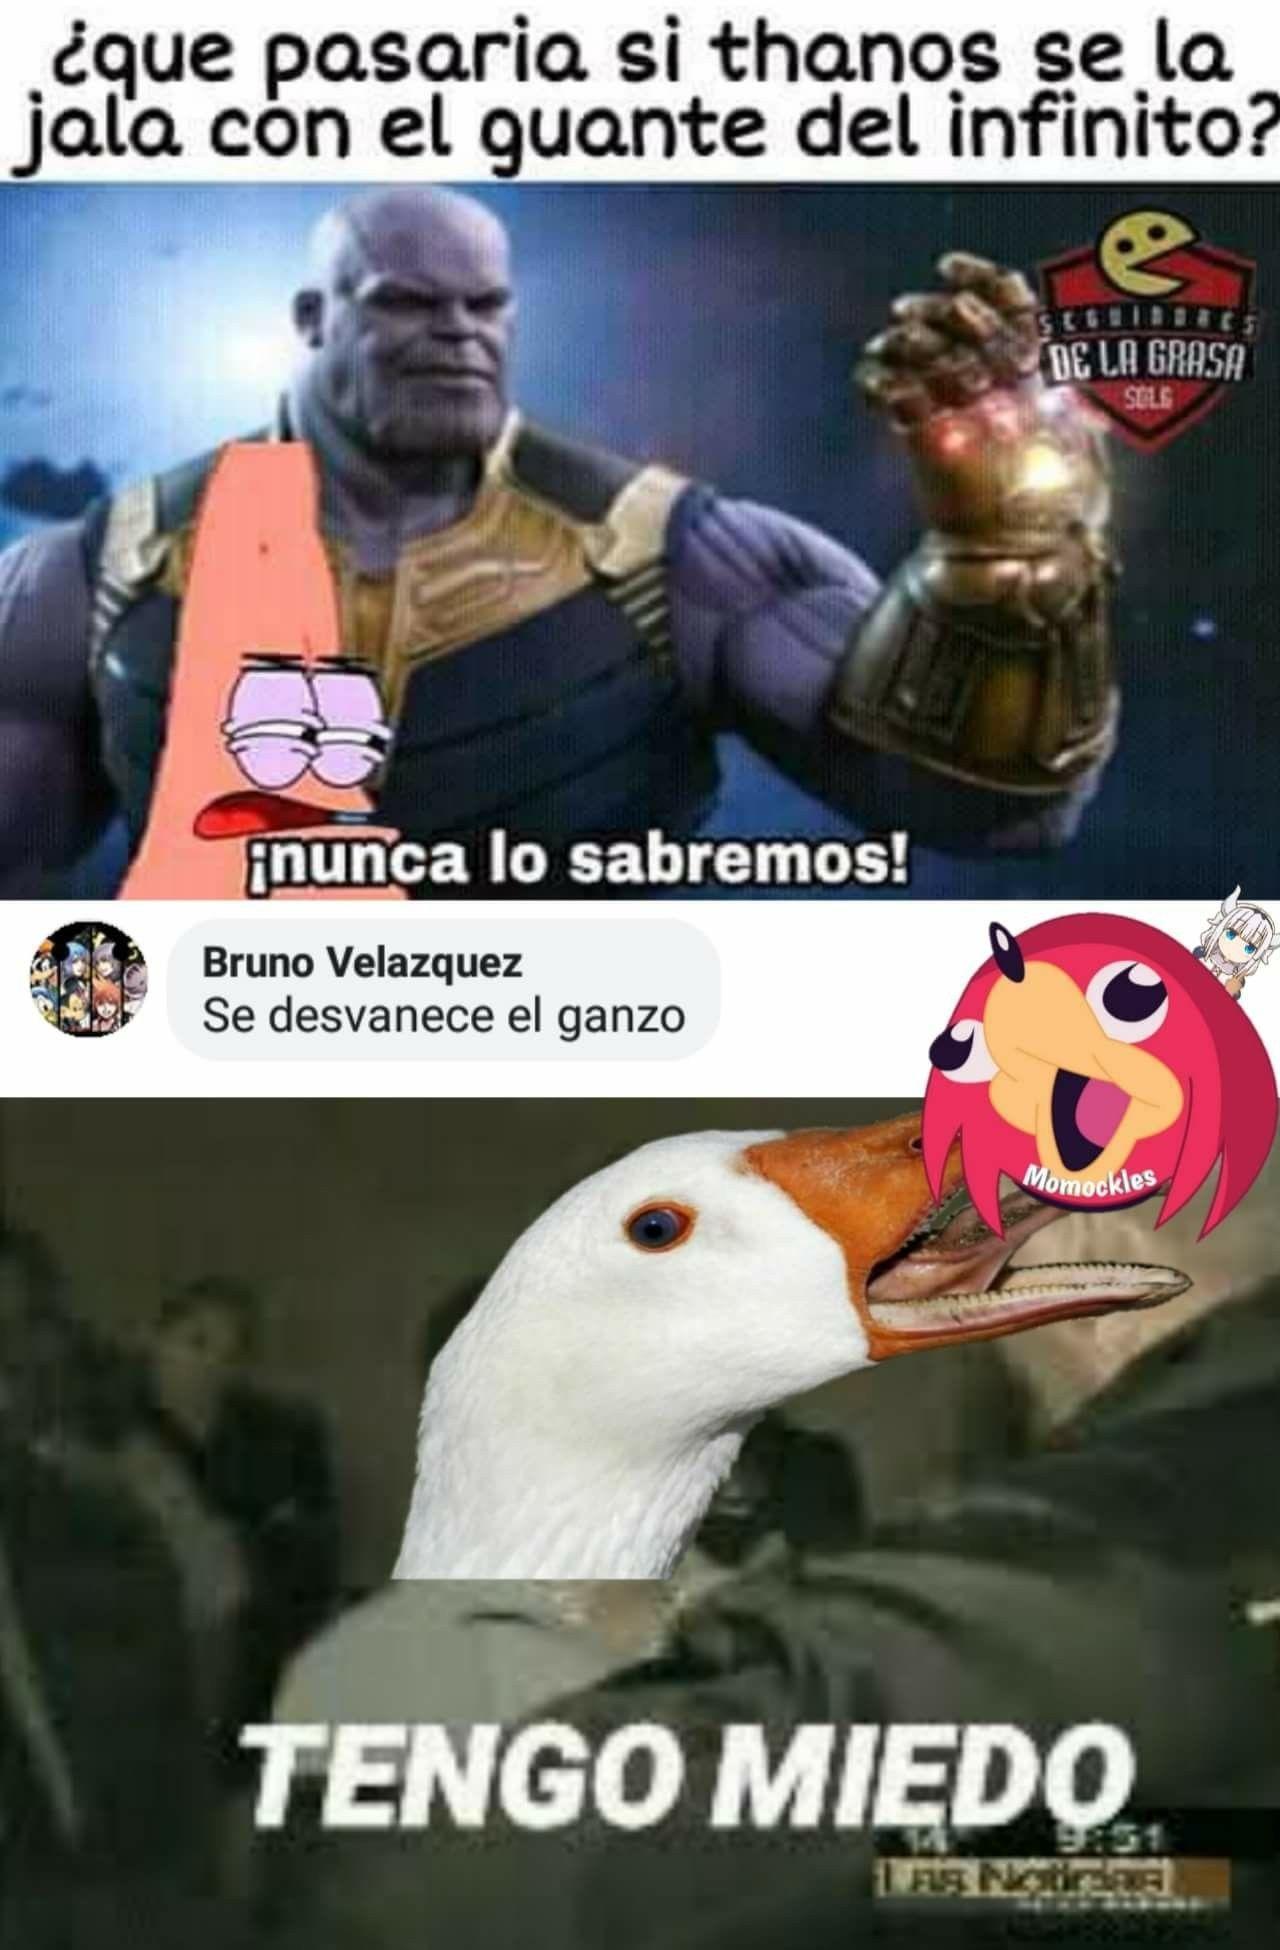 Que le abra pasado Tony Stark - meme